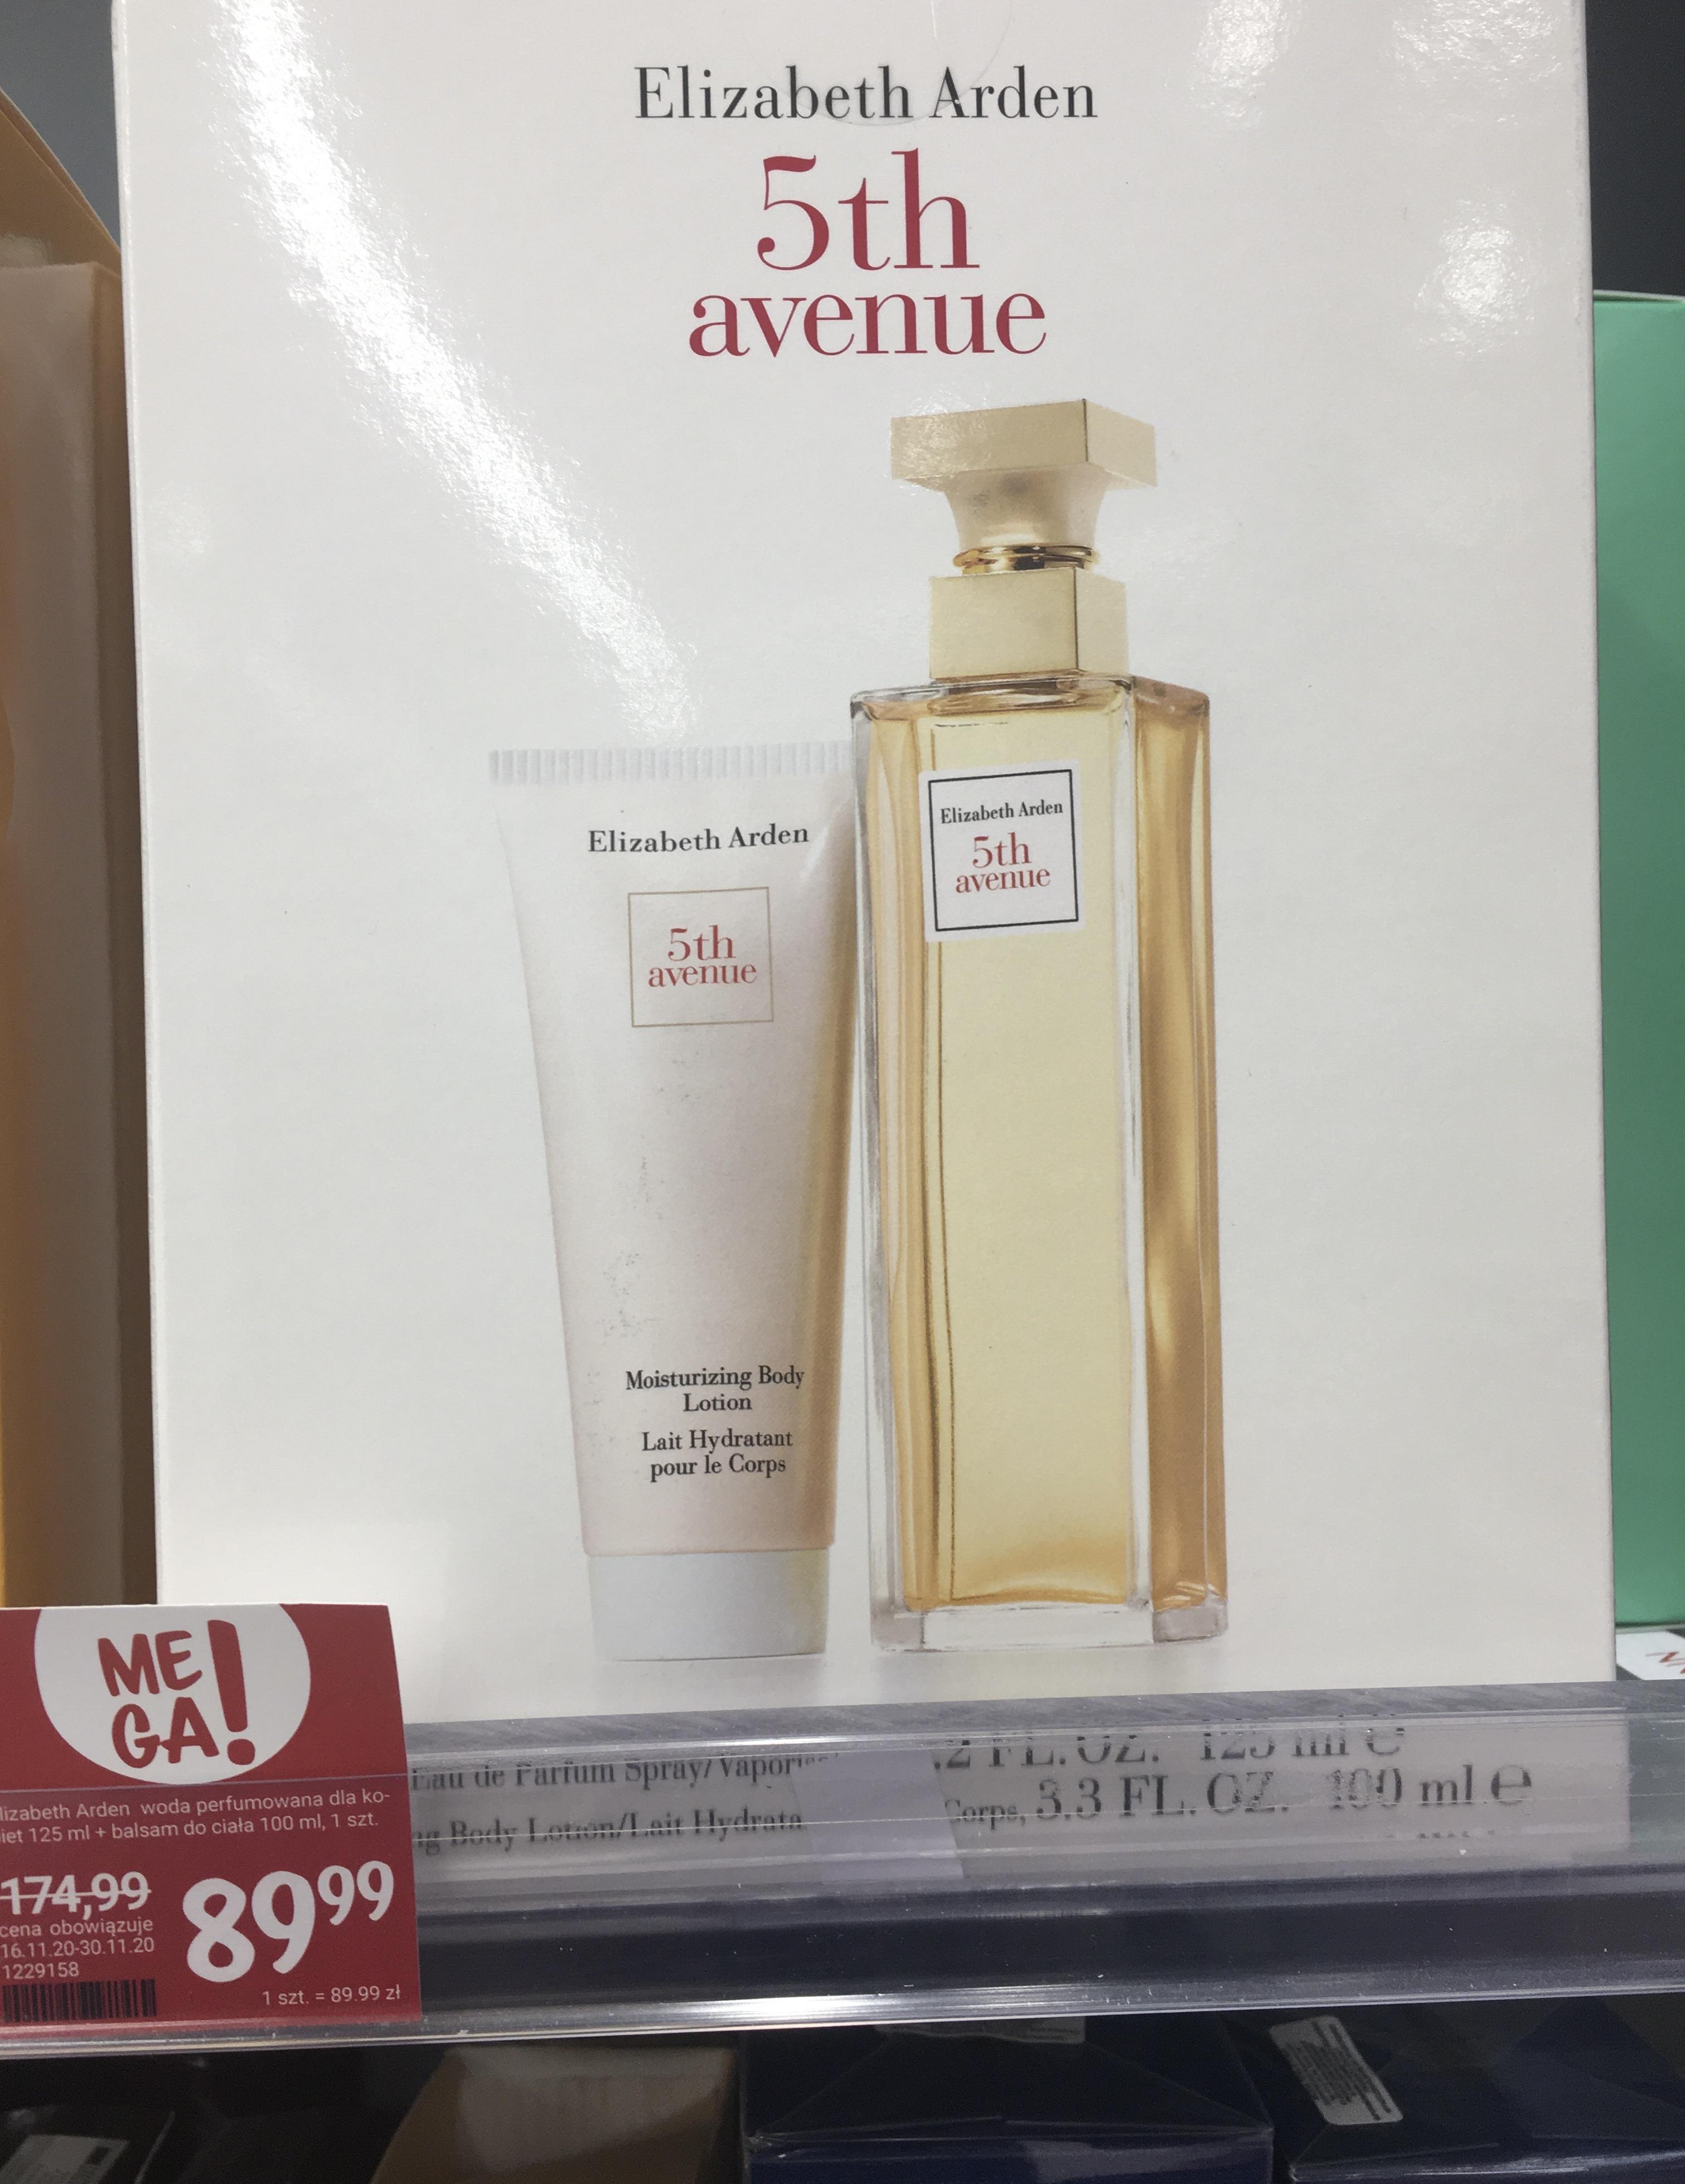 ELIZABETH ARDEN 5TH AVENUE woda perfumowana dla kobiet 125 ml + balsam do ciała 100 ml